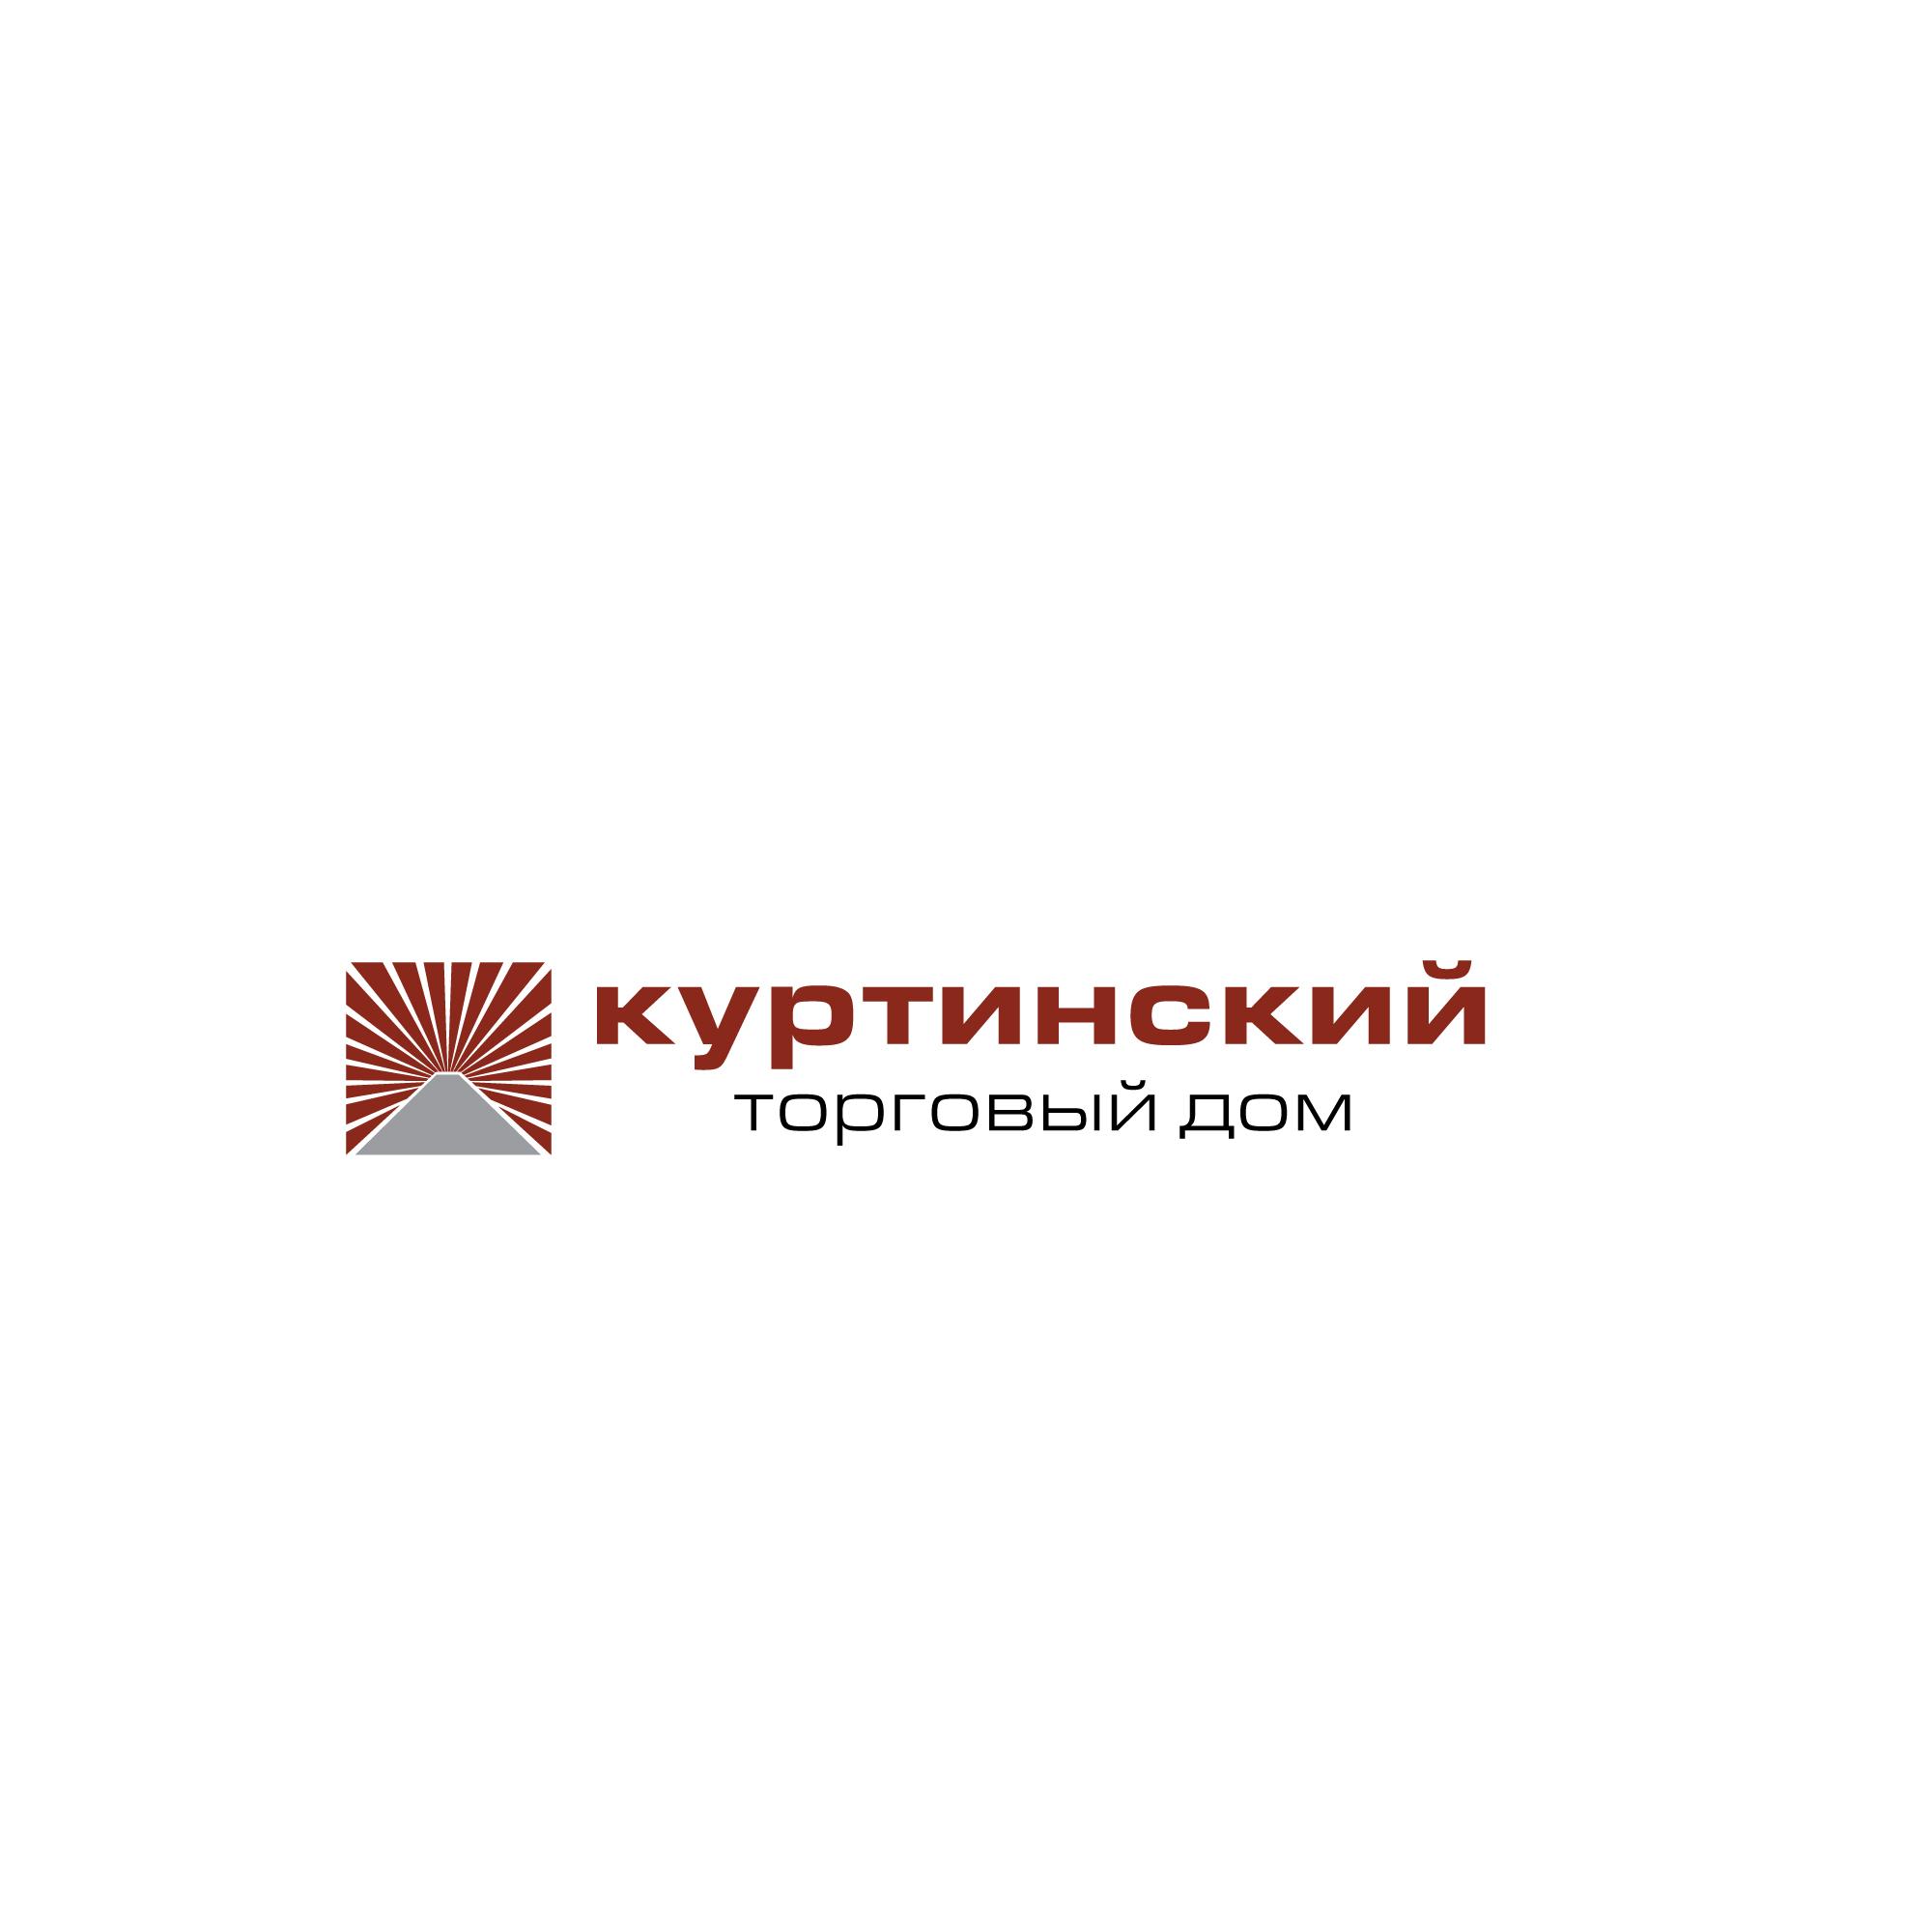 Логотип для камнедобывающей компании фото f_5665ba048a772821.jpg